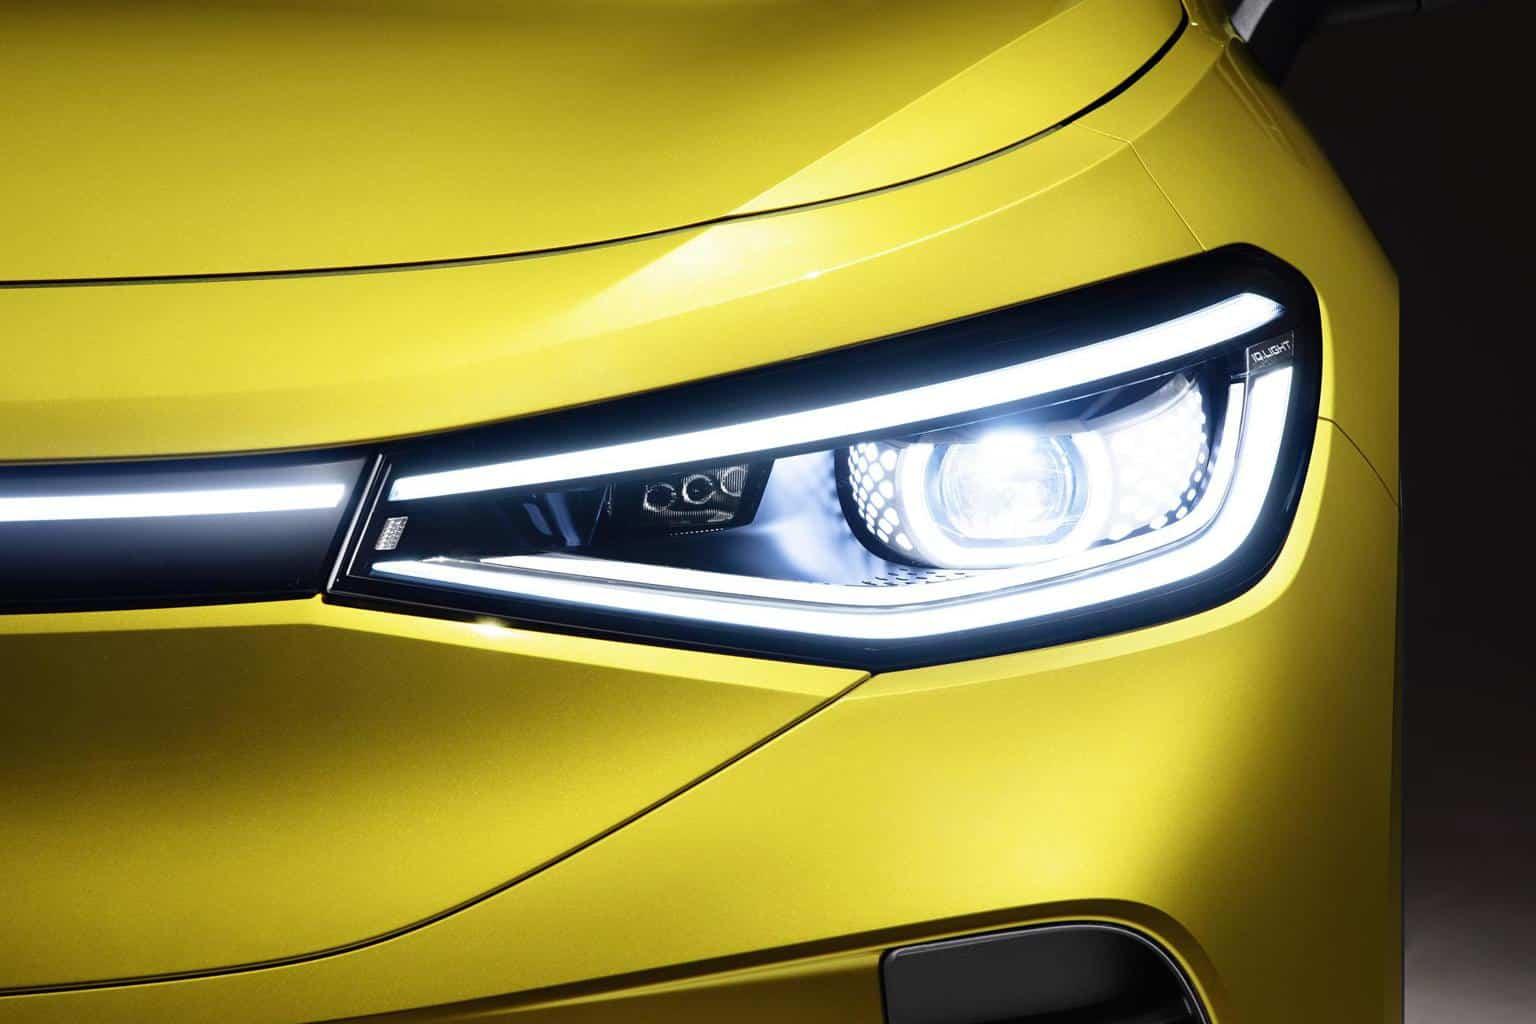 VW-Designchef sieht im Licht ein perfektes Sinnbild für die Mobilität der Zukunft